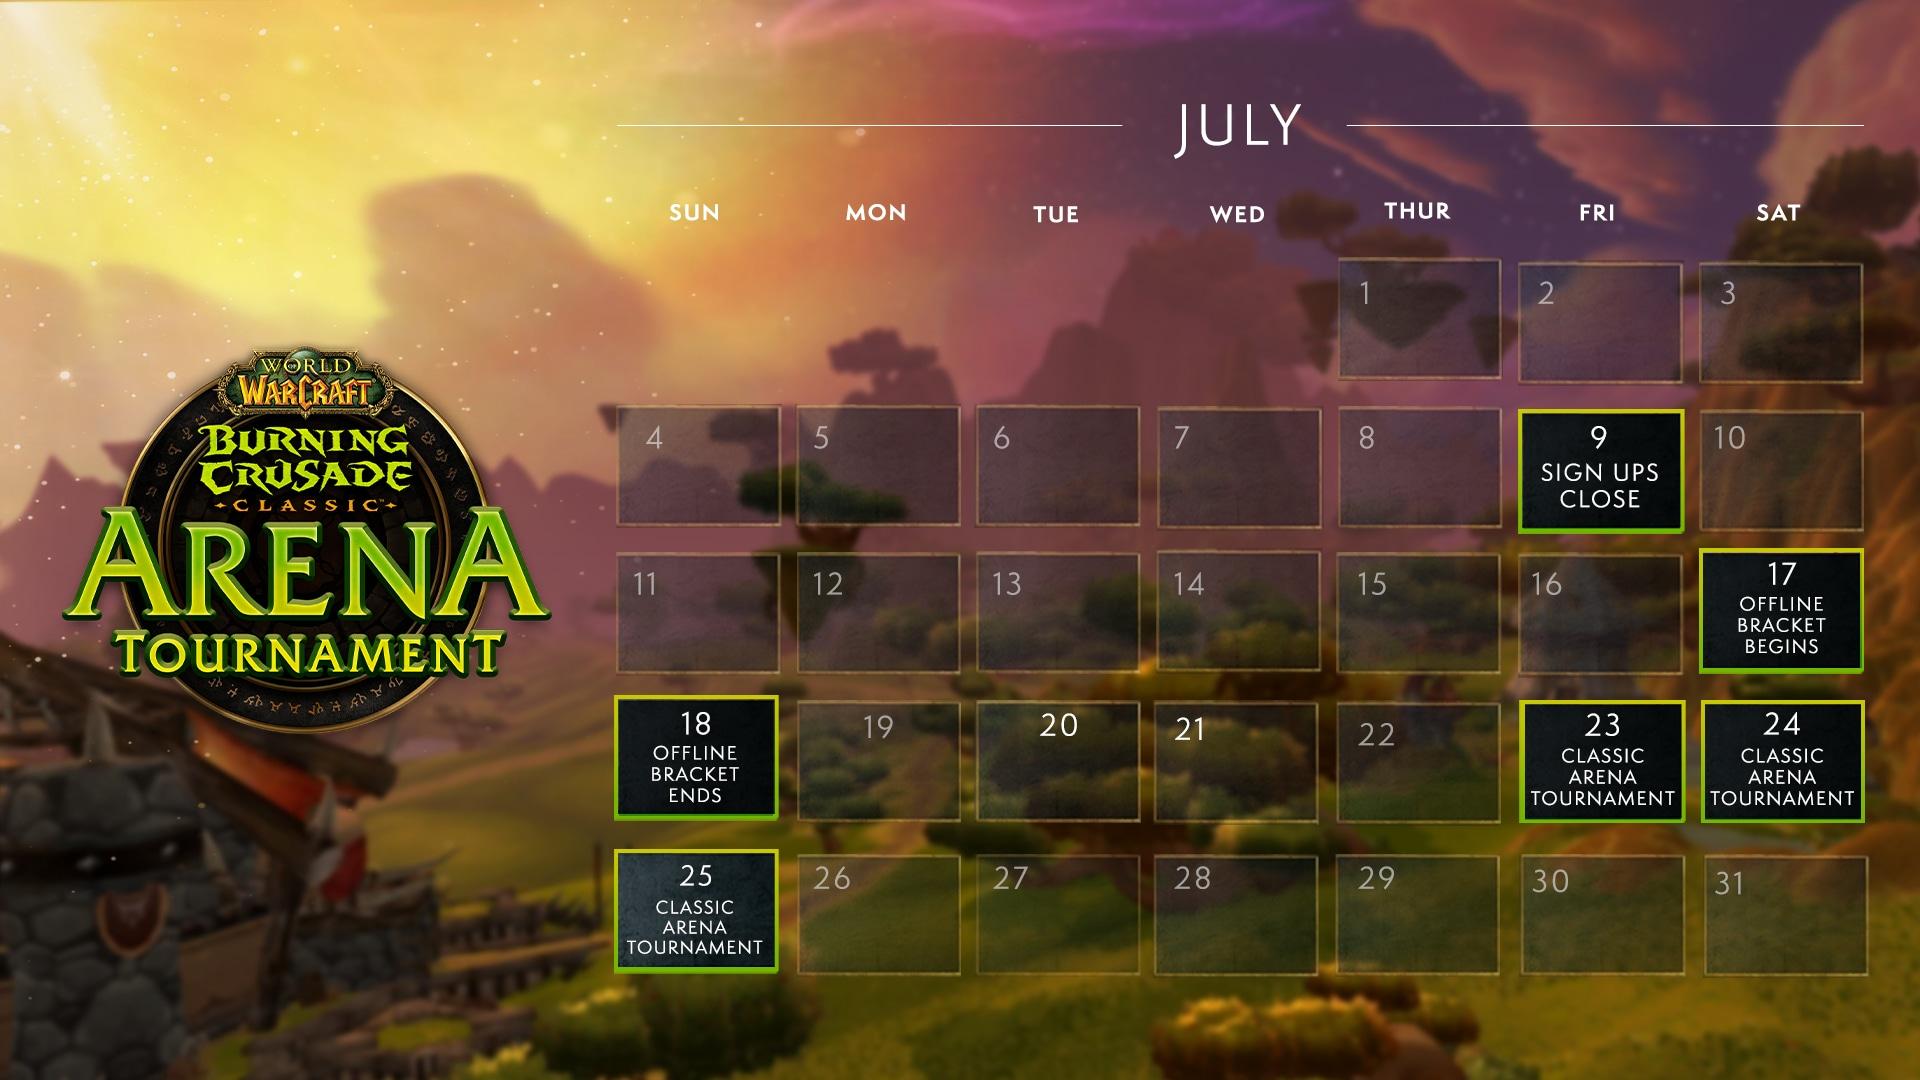 July_Schedule_1920x1080 (2).jpg